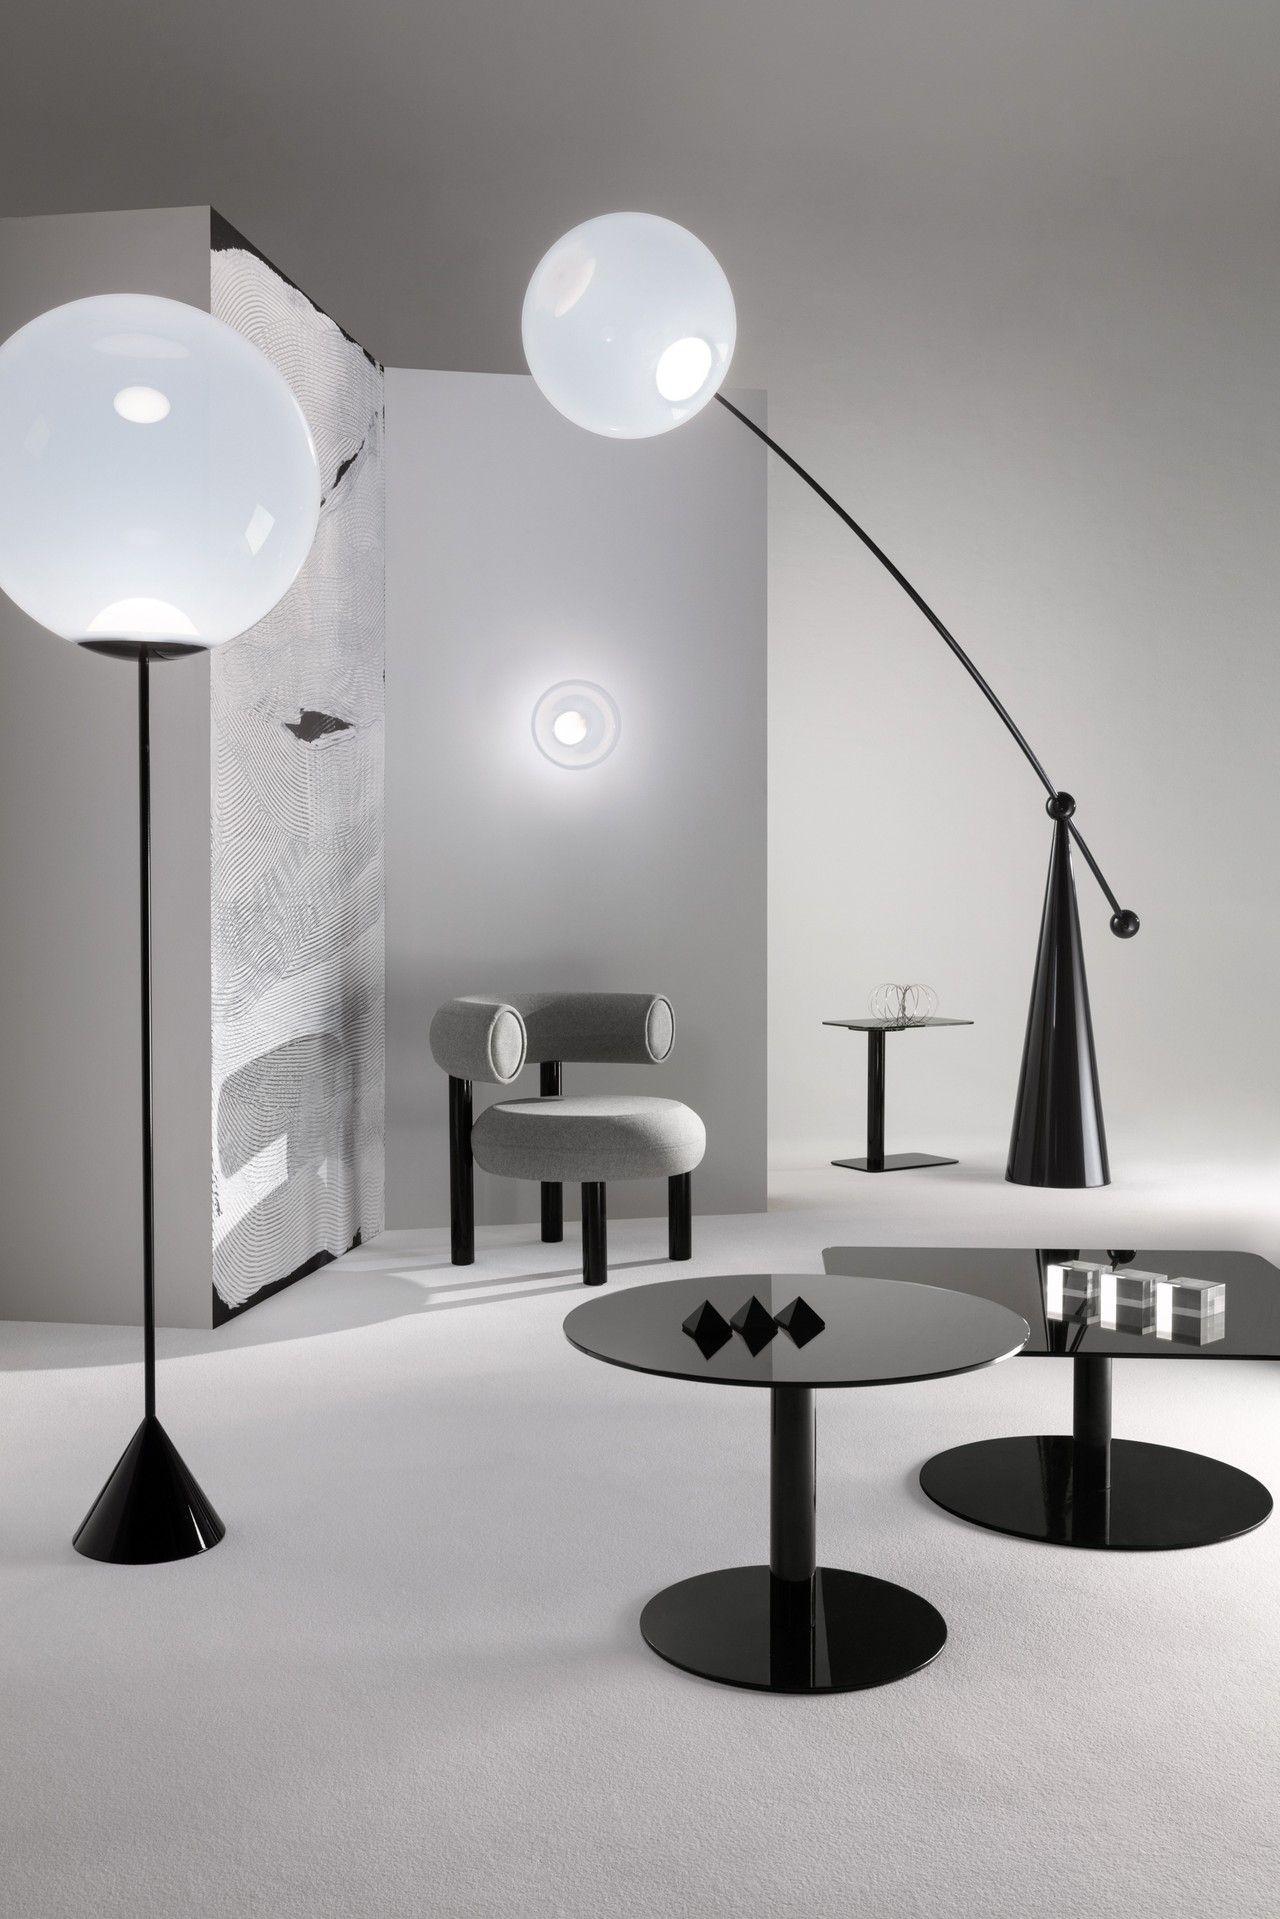 Led Geometric Lighting Led Floor Lamp Minimalist Furniture